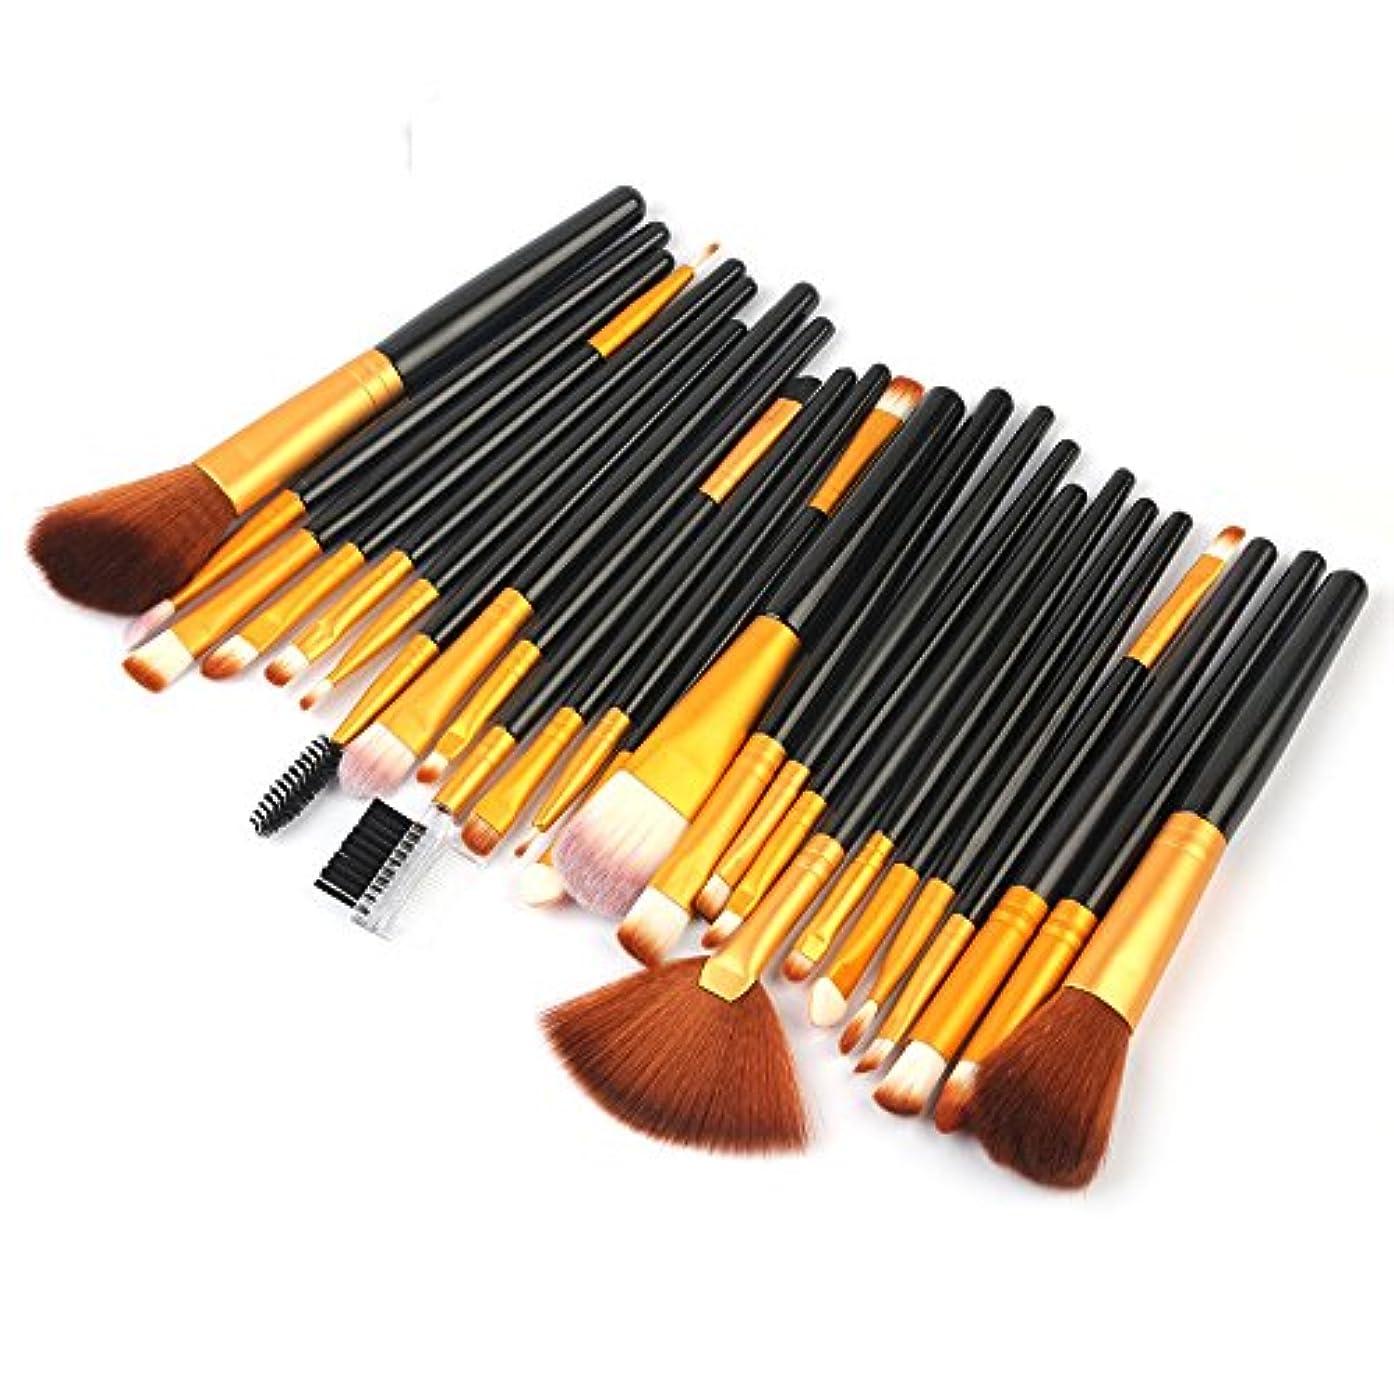 ビルマアパル通りAkane 25本 プロ 高級 魅力的 高品質 綺麗 美感 たっぷり セート 多機能 使いやすい おしゃれ 便利 柔らかい 激安 日常 仕事 Makeup Brush メイクアップブラシ HJ25